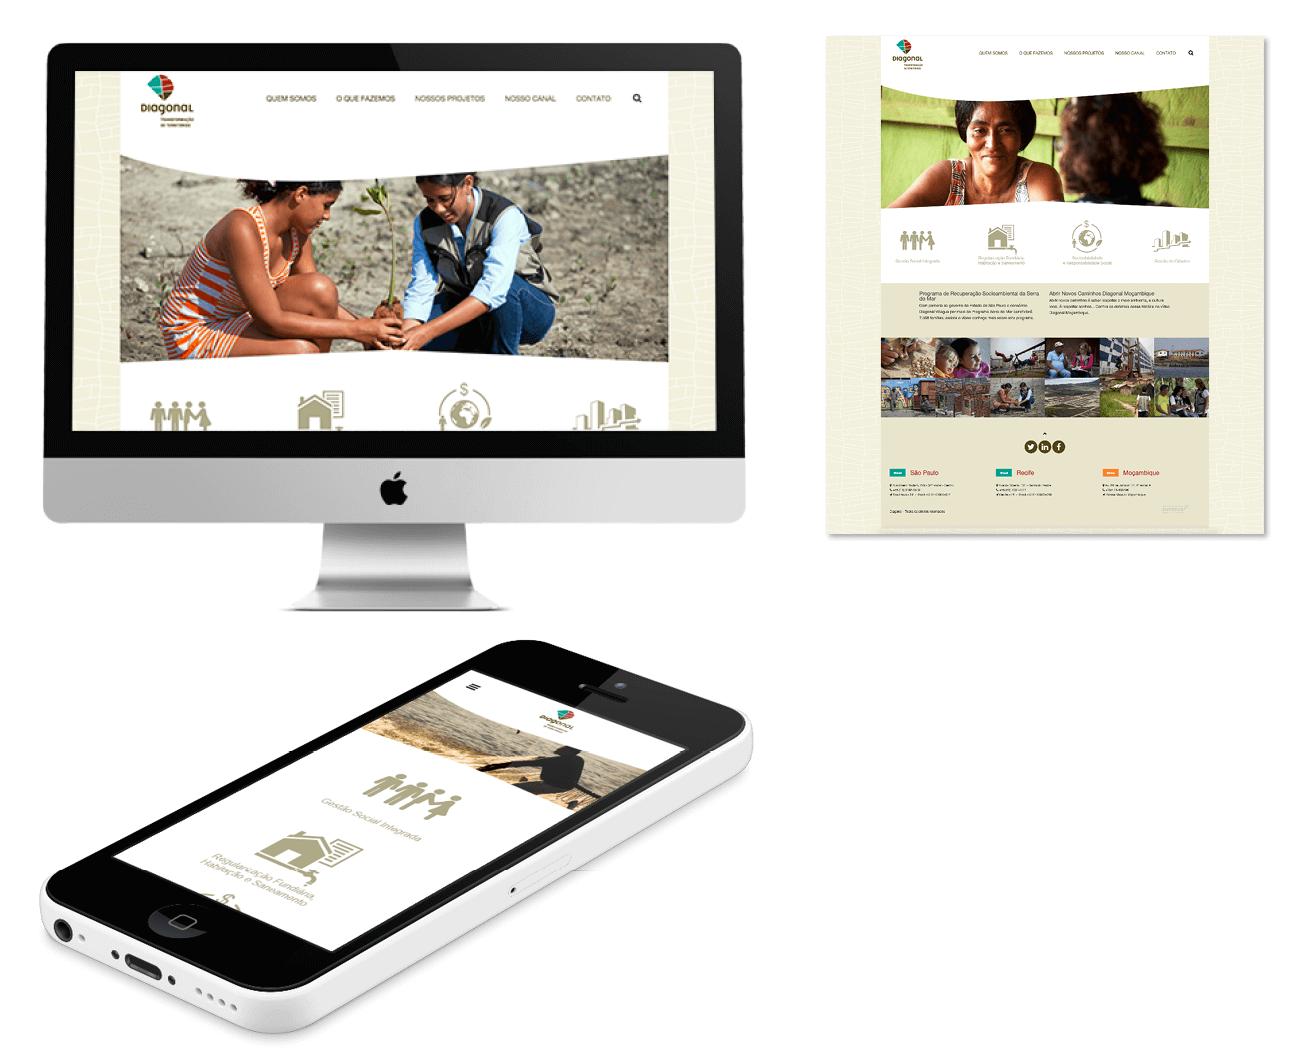 layout responsivo do site diagonal transformação de territórios